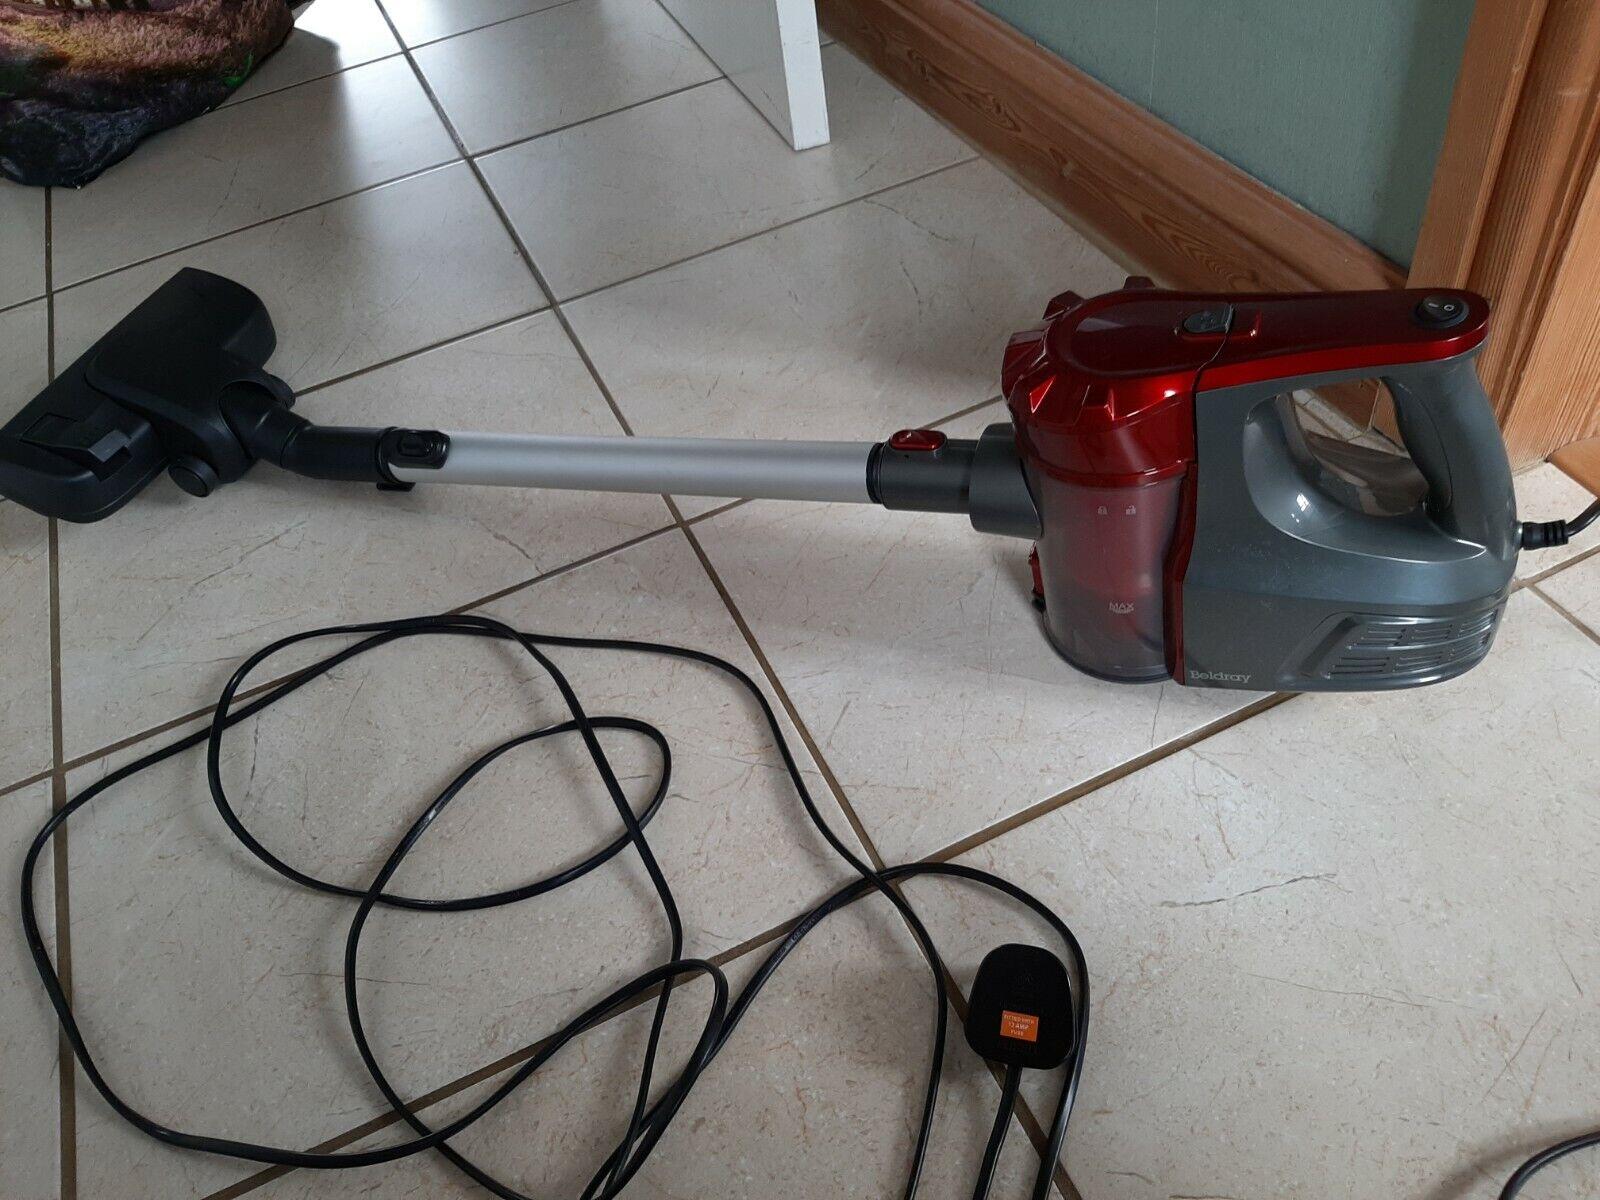 BEL0580 Quick VAC Lite Vacuum Cleaner